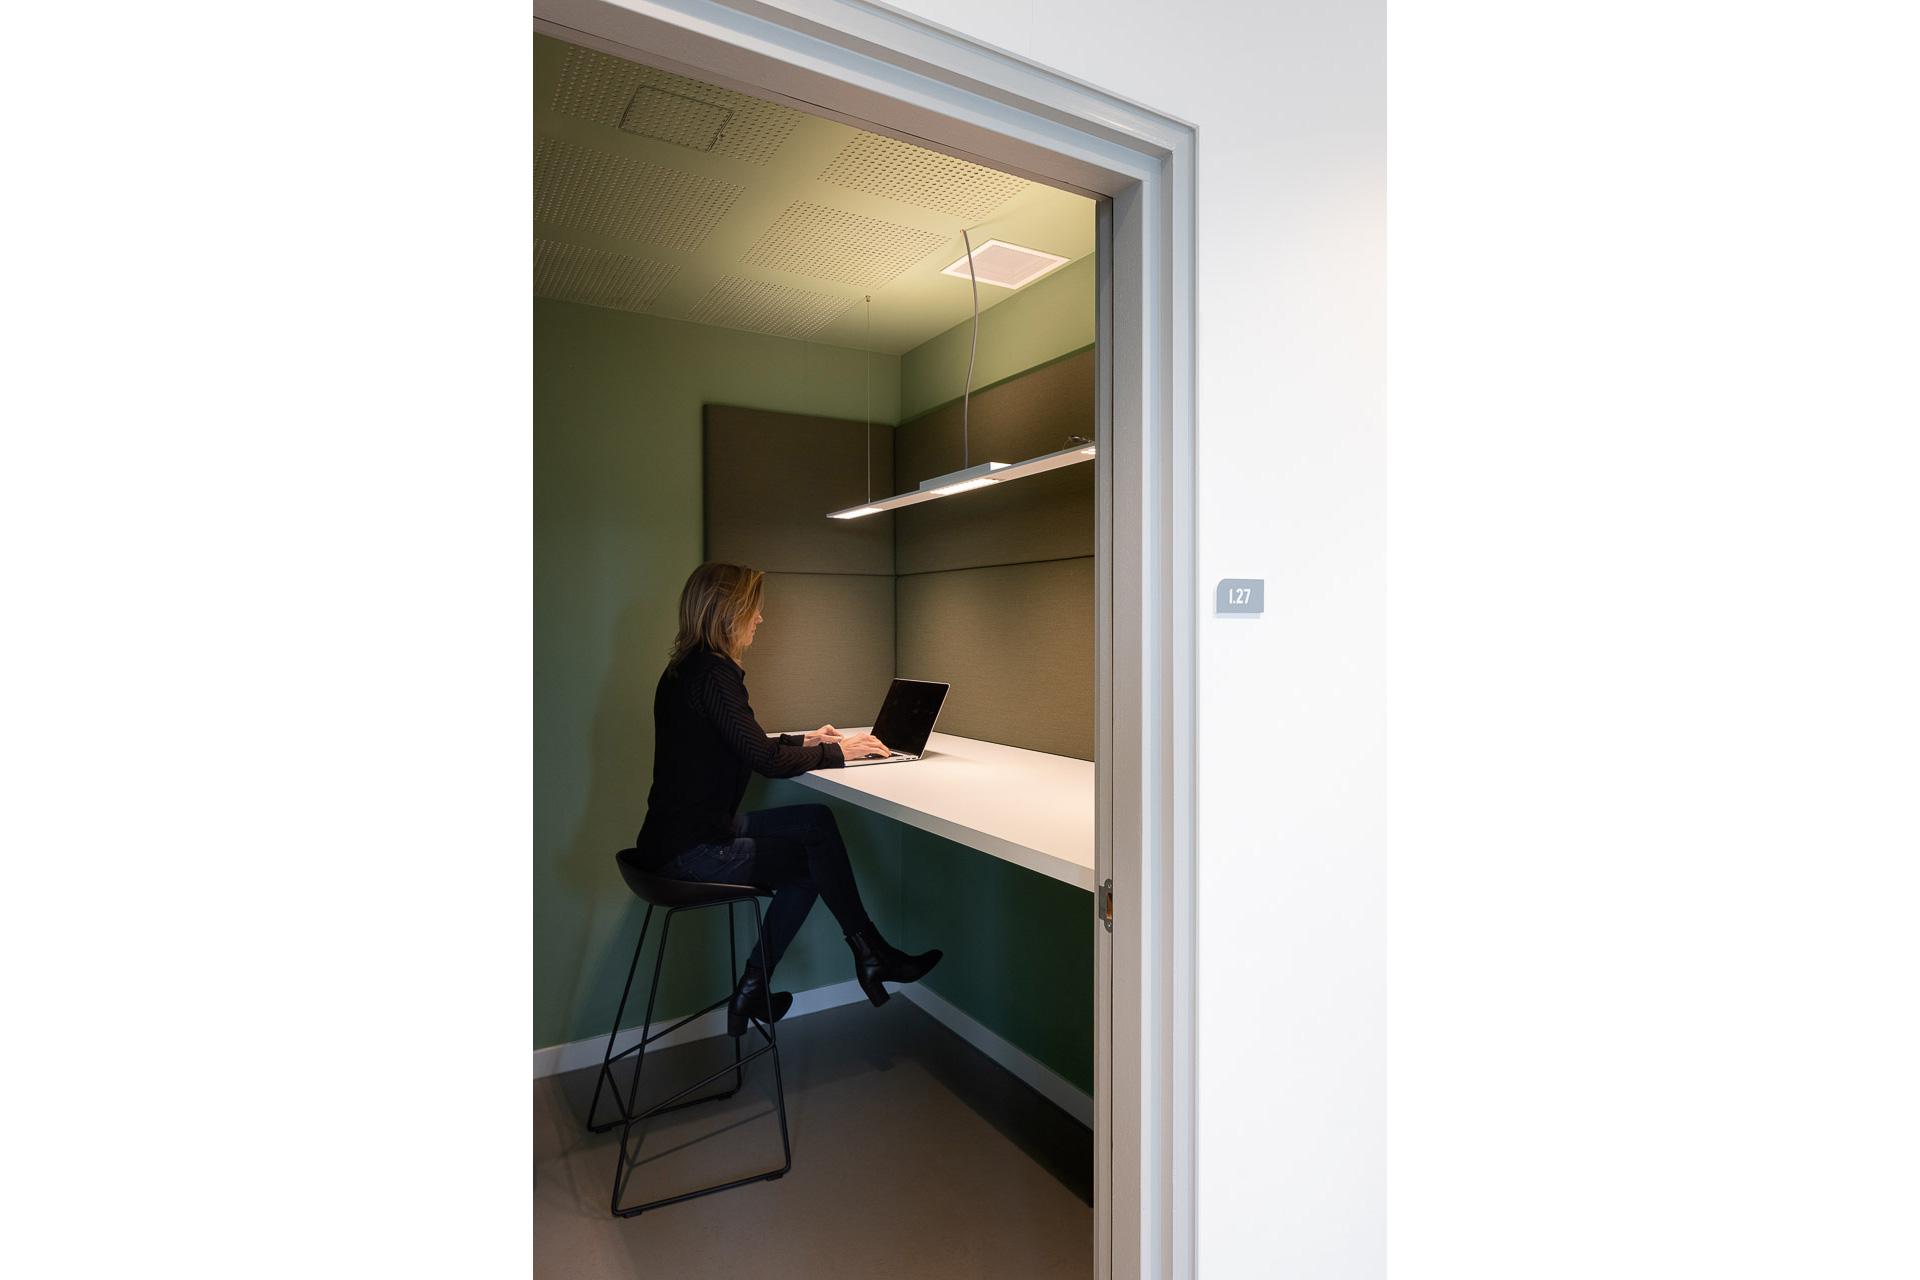 SP2020-Gemeentehuis-Alblasserdam-DP6-Architectuurfoto-interieurfoto-5